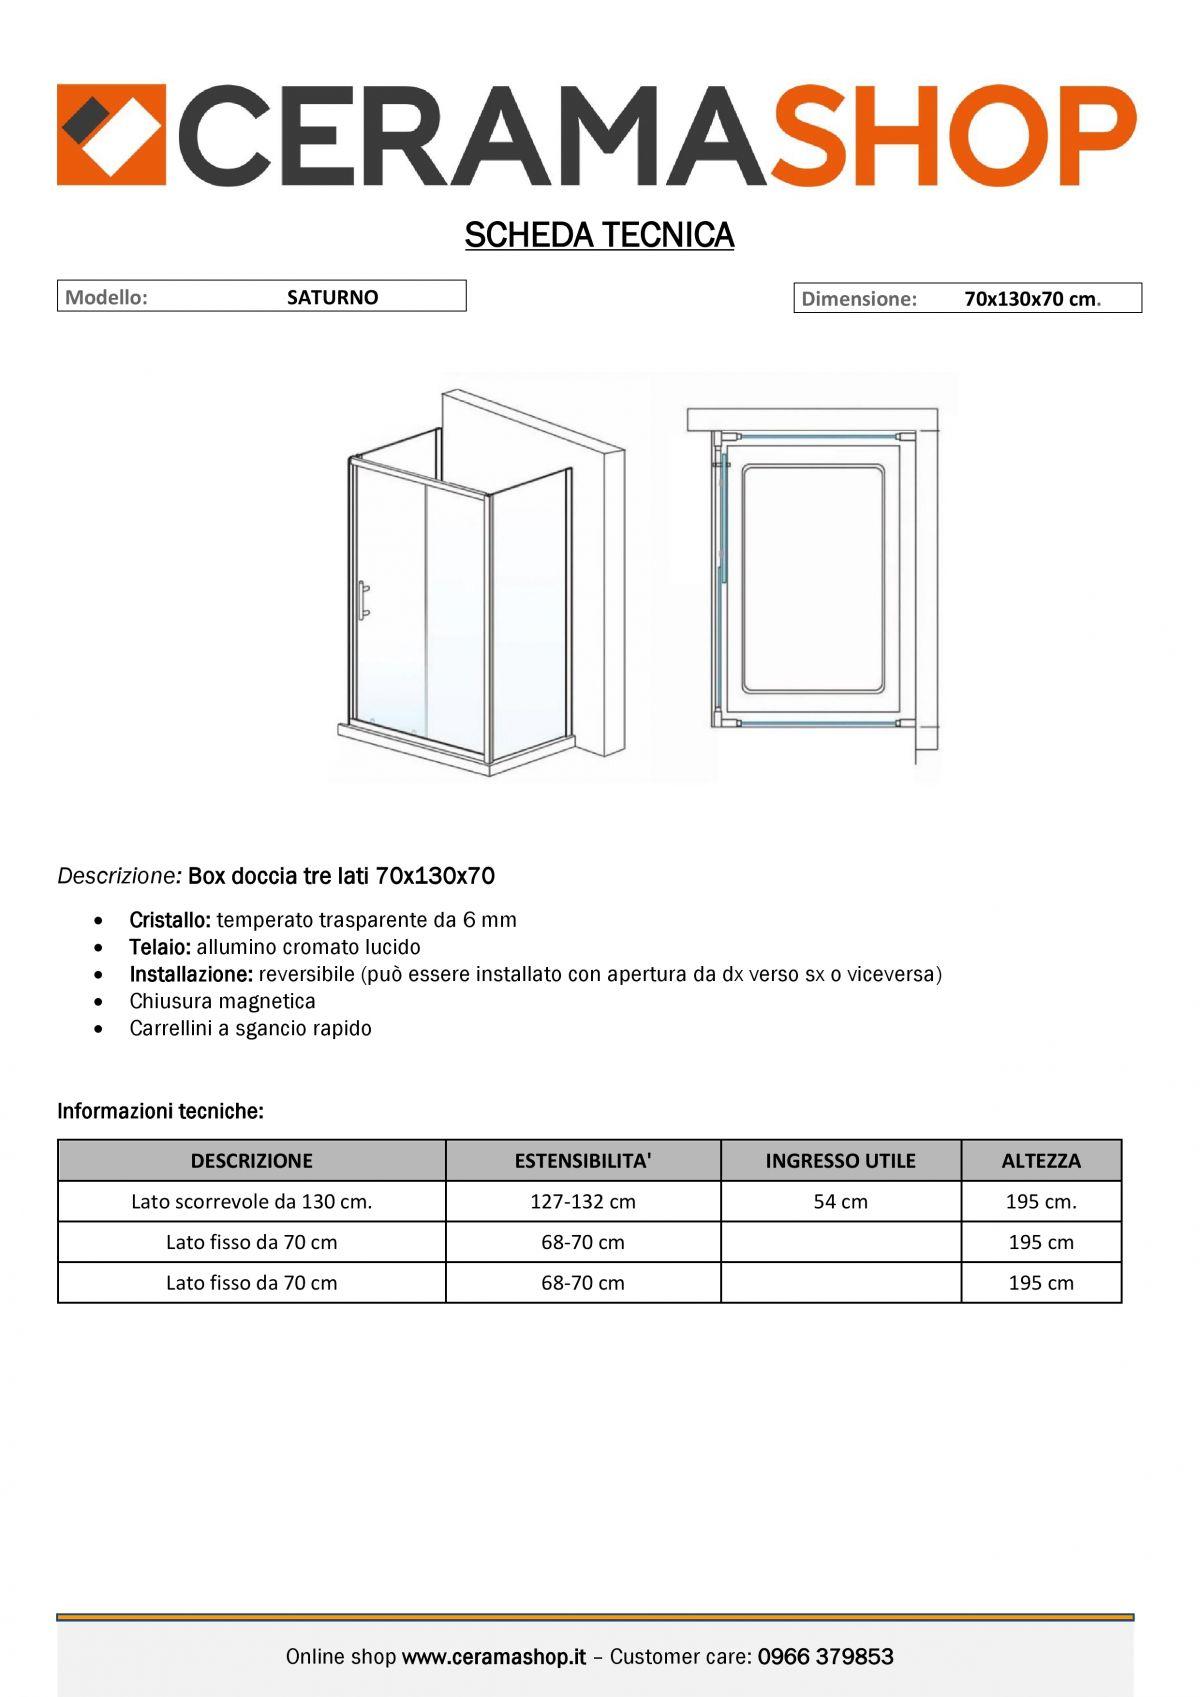 """70x130x70 0000012 scaled Box Cabina doccia tre lati """"Saturno"""" 70x130x70 cm scorrevole cristallo trasparente 6 mm"""